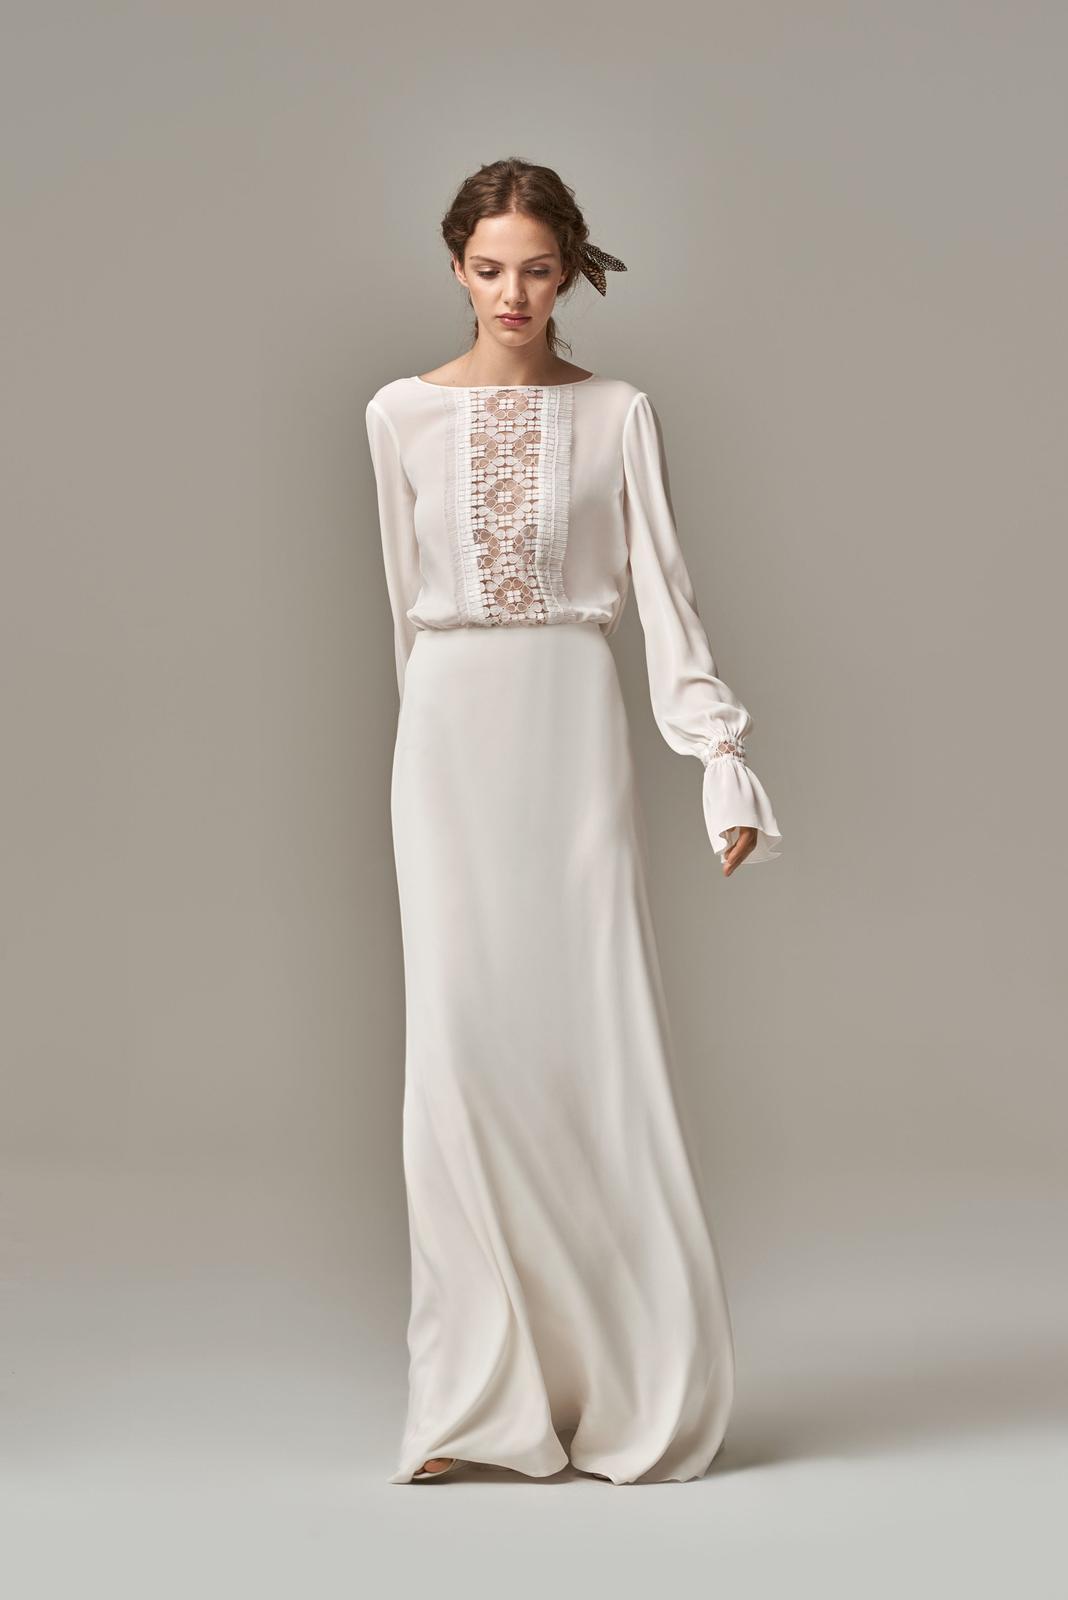 Anna Kara * Svadobné šaty z kolekcií na rok 2019 - Obrázok č. 3